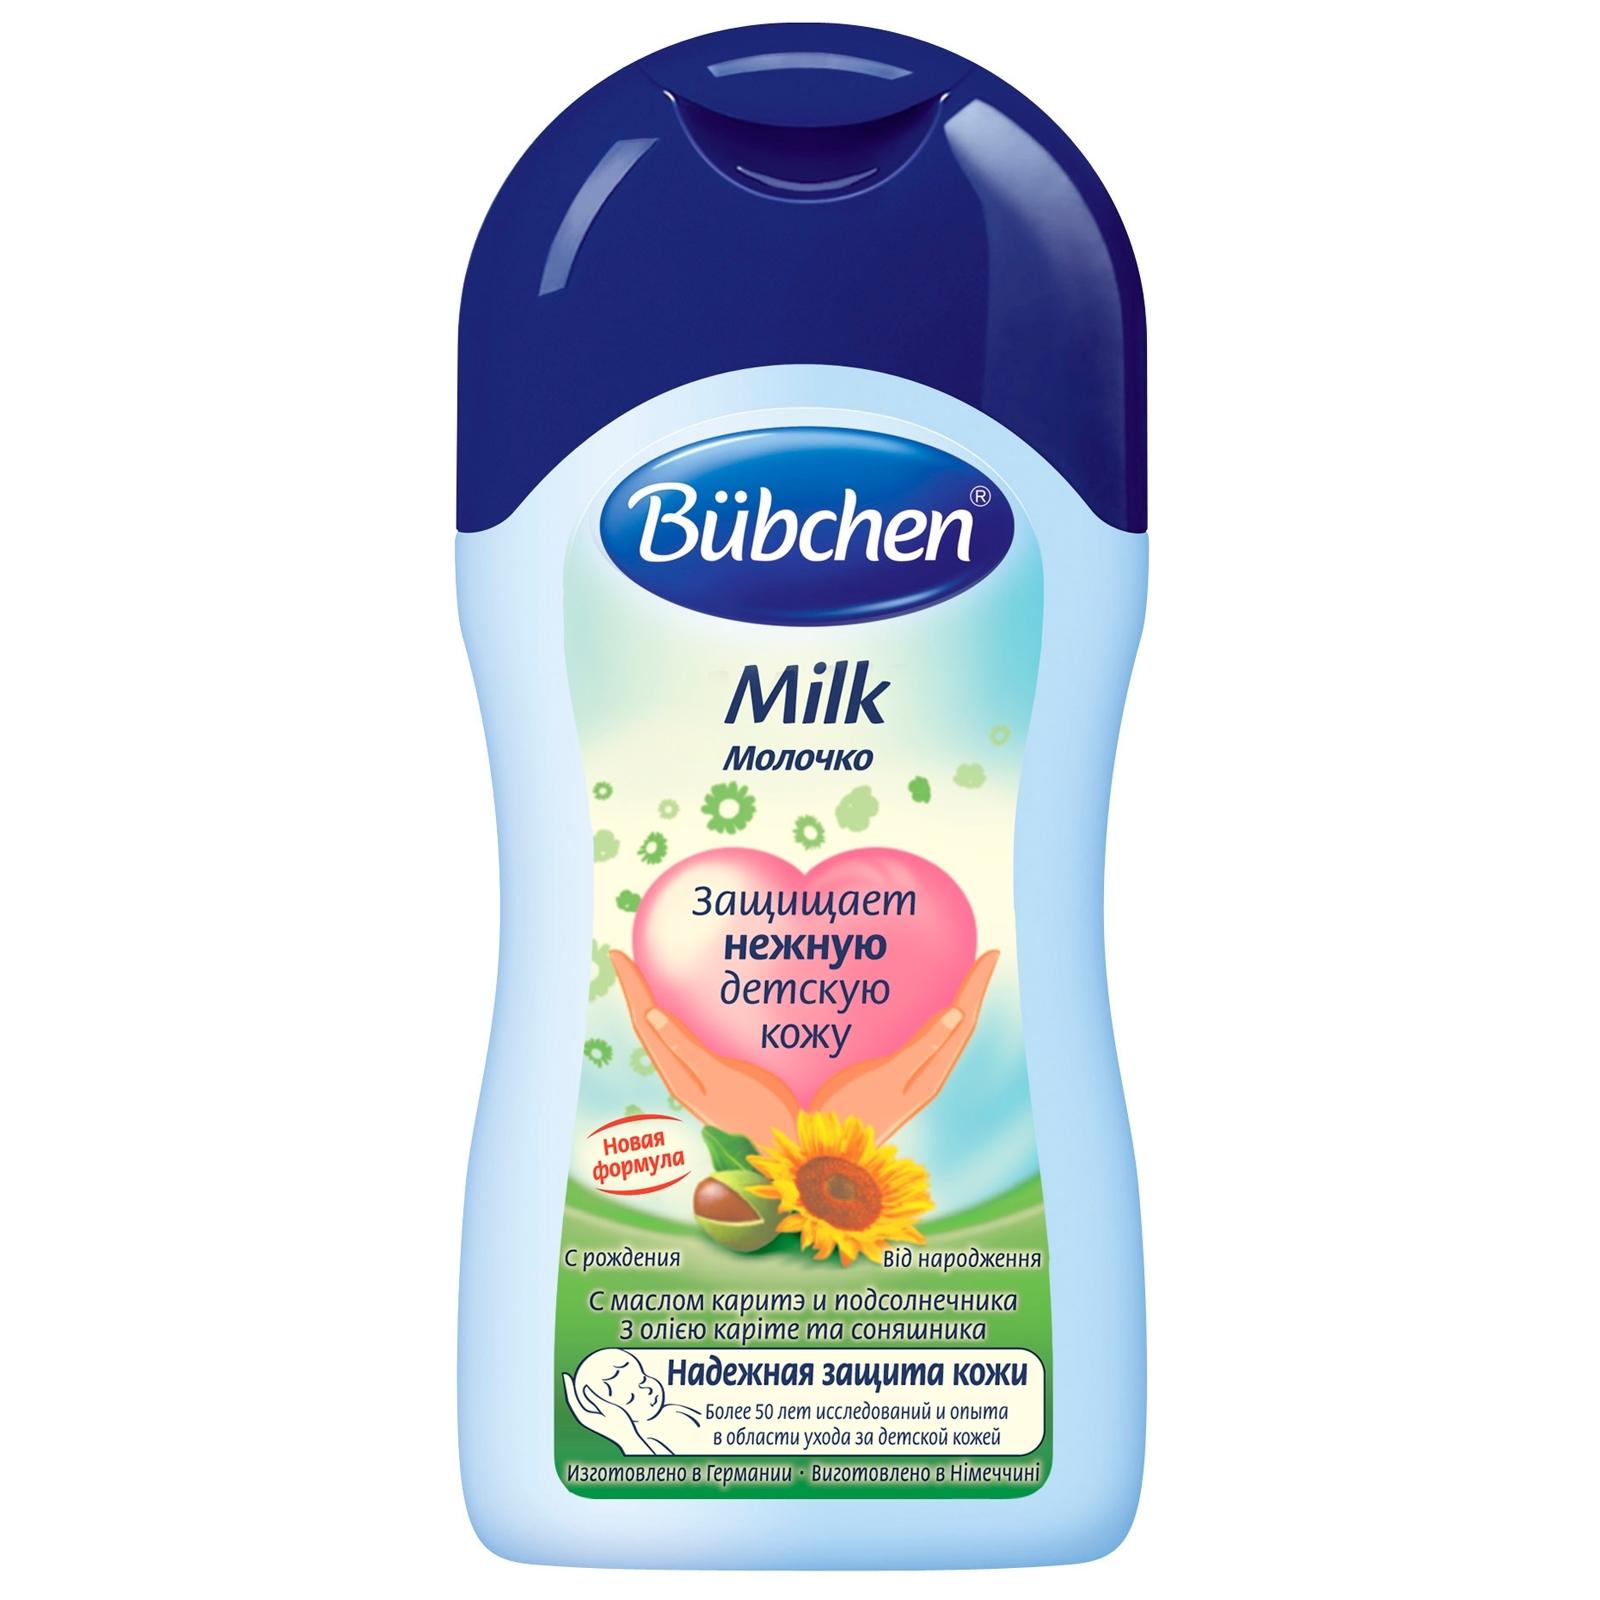 Молочко Bubchen увлажняющее 200 мл  с маслами каритэ и подсолнечника<br>